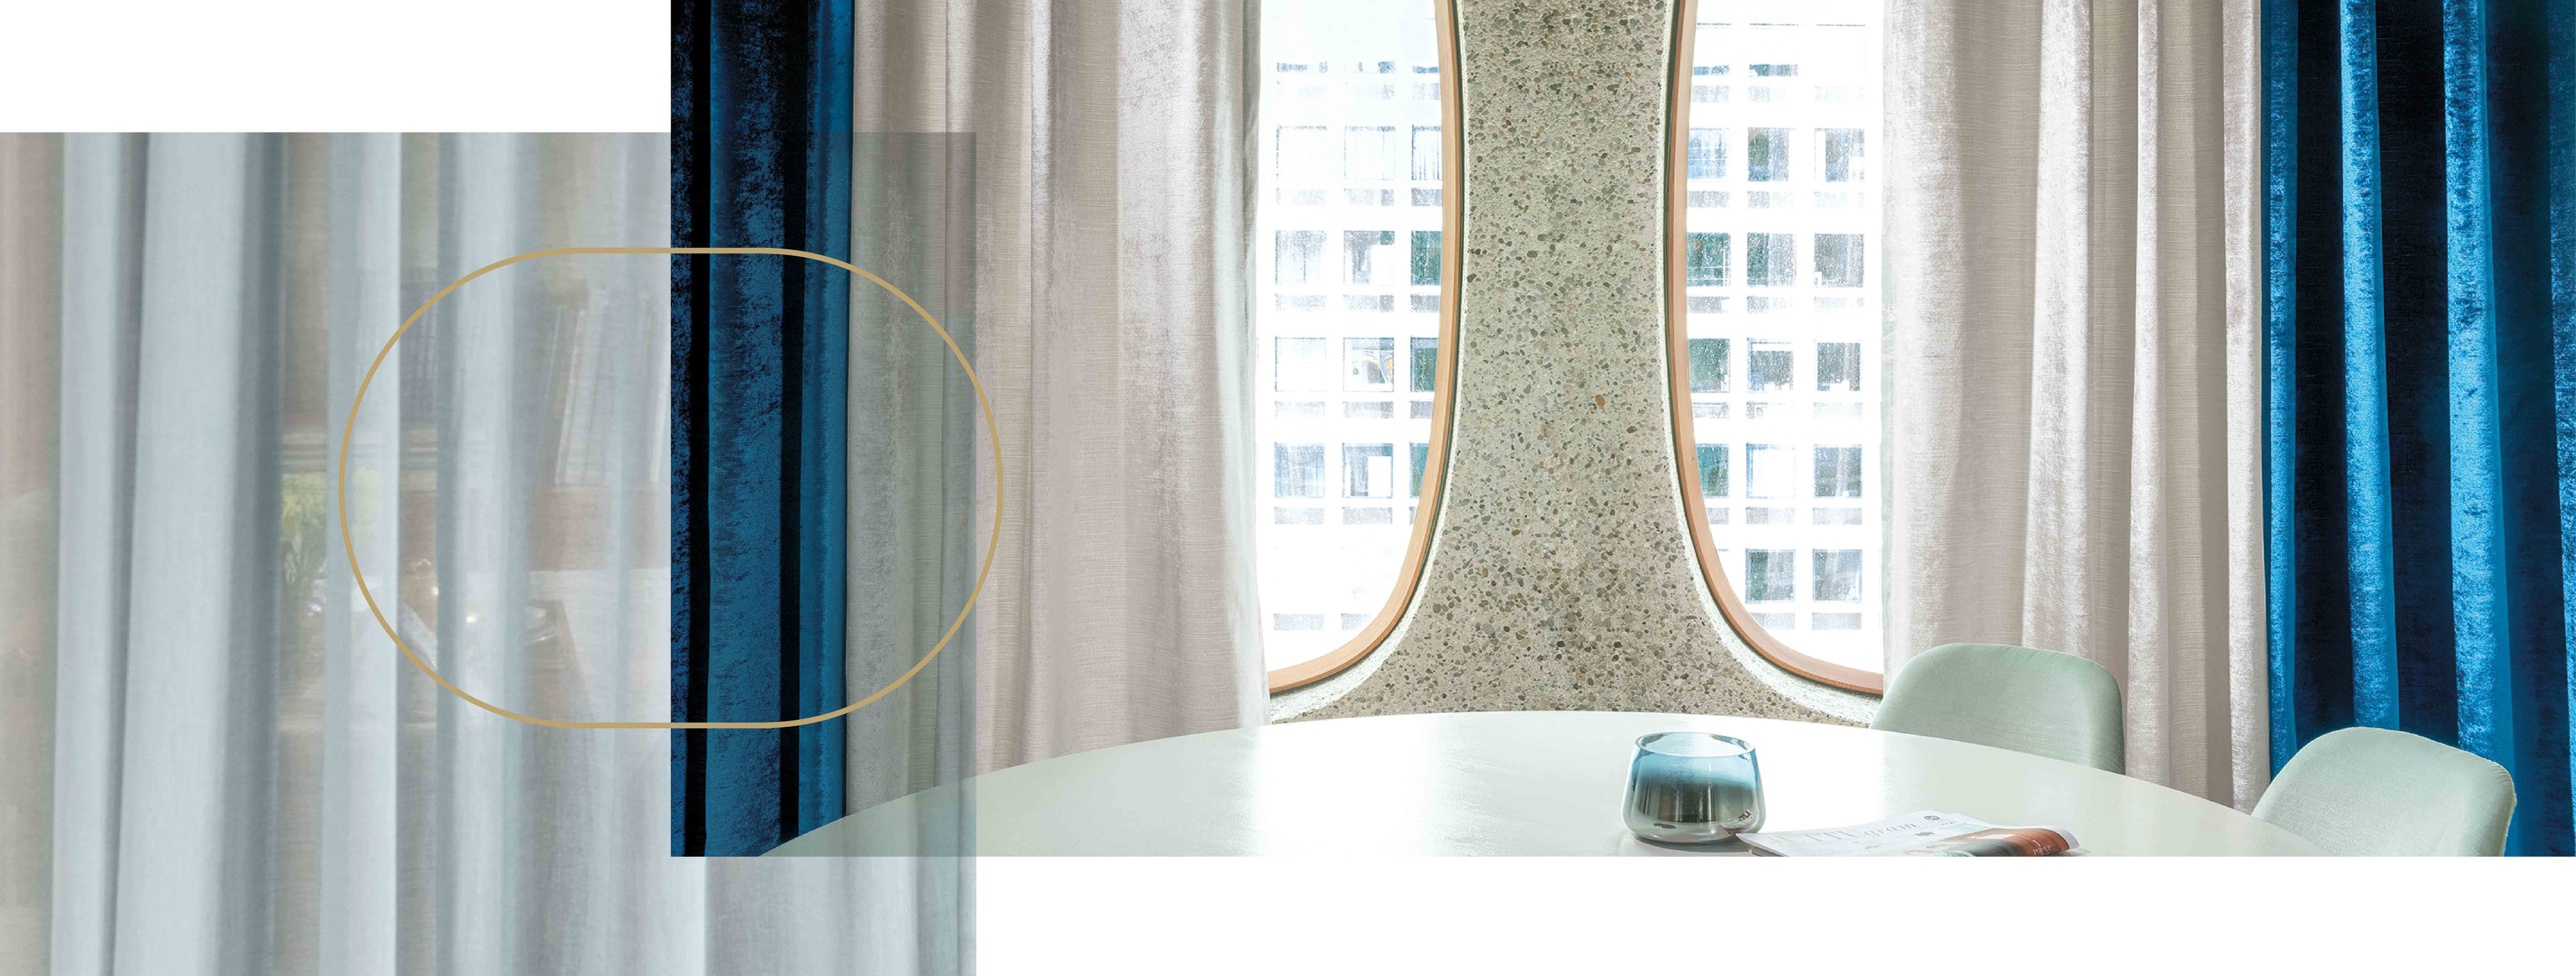 Regal Velvet FR fabrics to enhance every interior